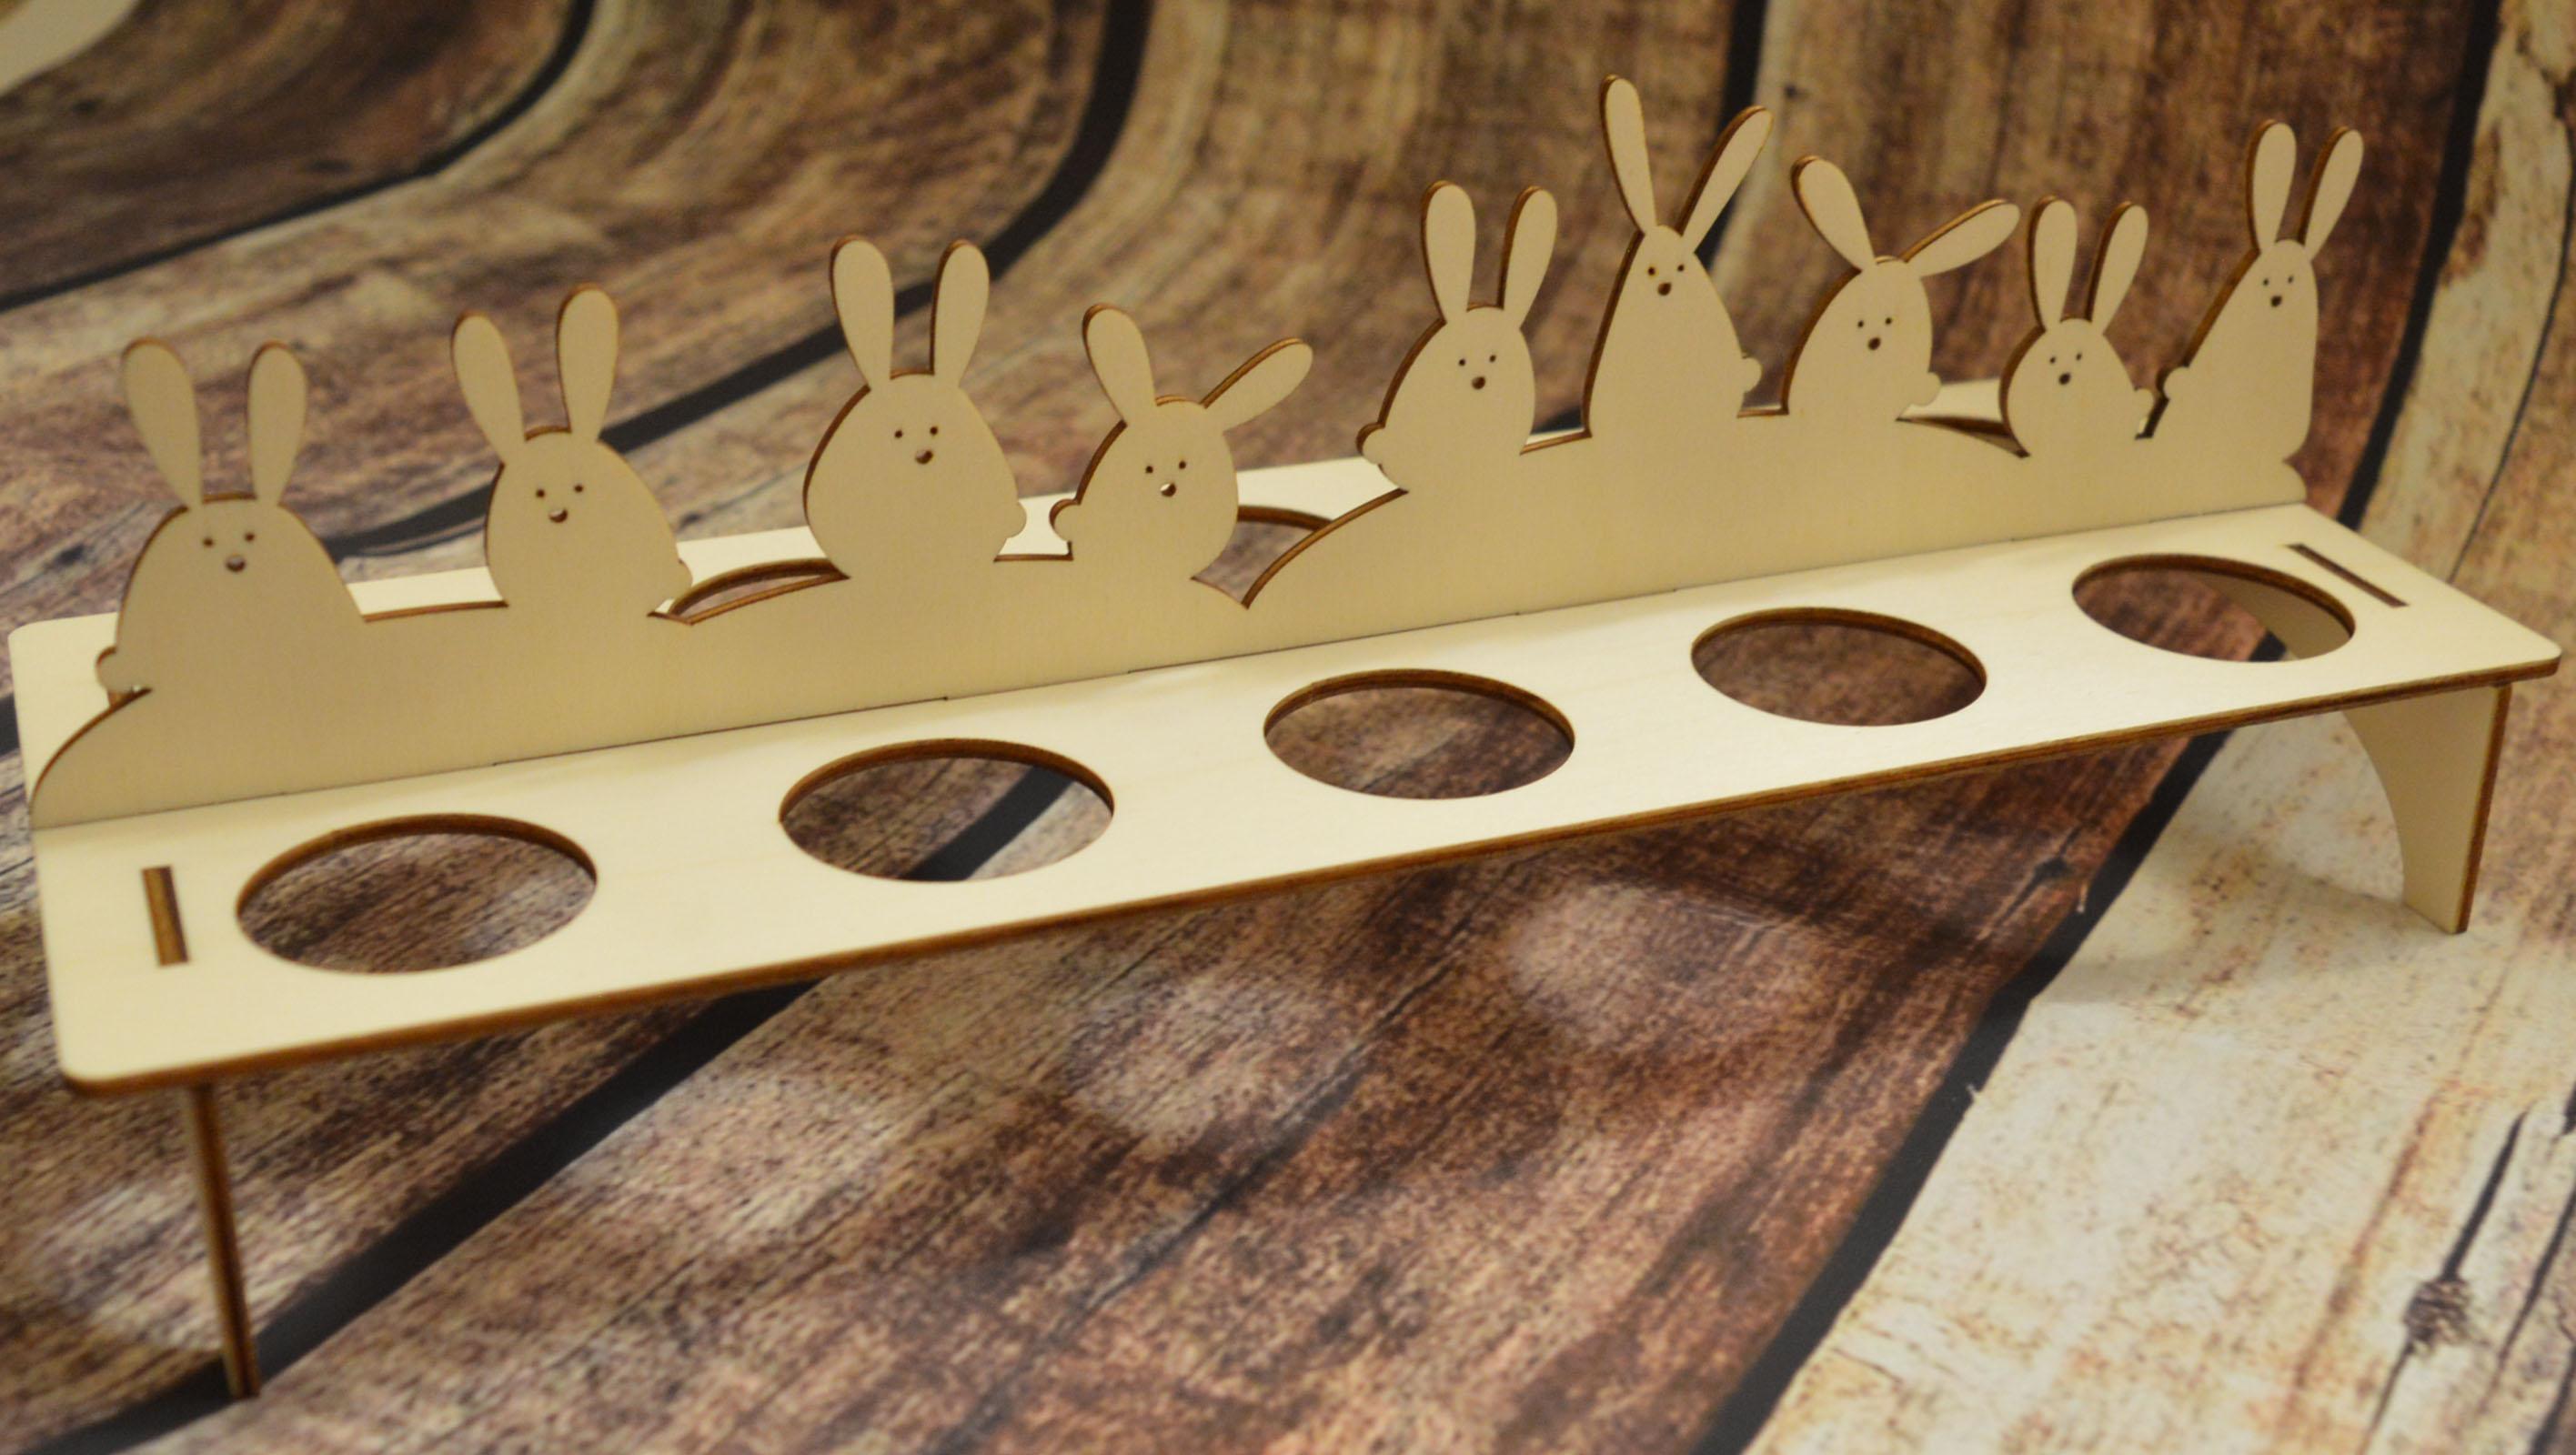 Velikonoční stojánek na vajíčka Tloušťka: 5mm